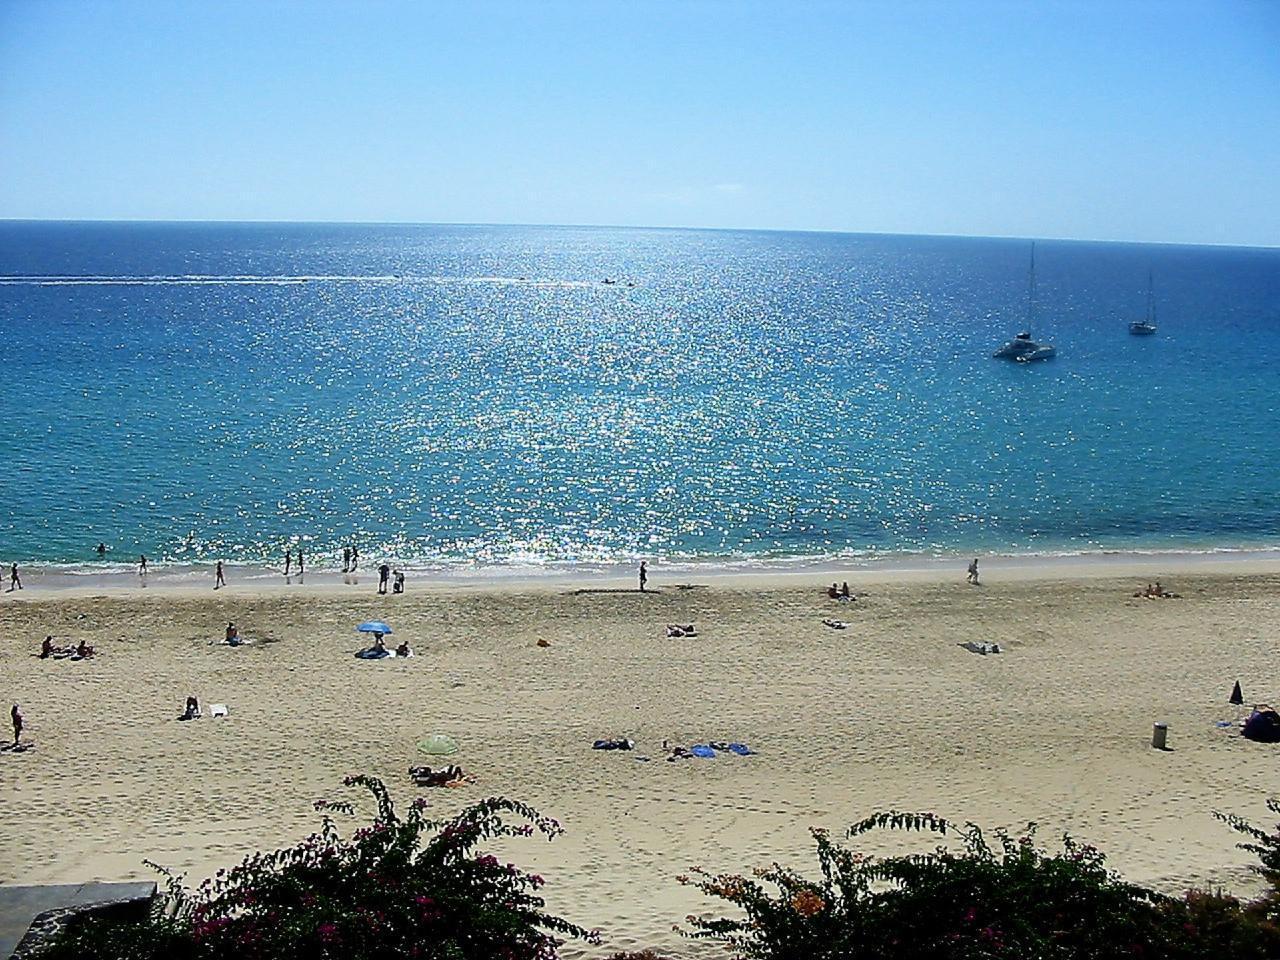 Ferienwohnung Apartment 2 / 4er Direkt am Meer, mit Blick auf den Strand, Schwimmbäder, ausgestattet. WI (634890), Morro Jable, Fuerteventura, Kanarische Inseln, Spanien, Bild 34